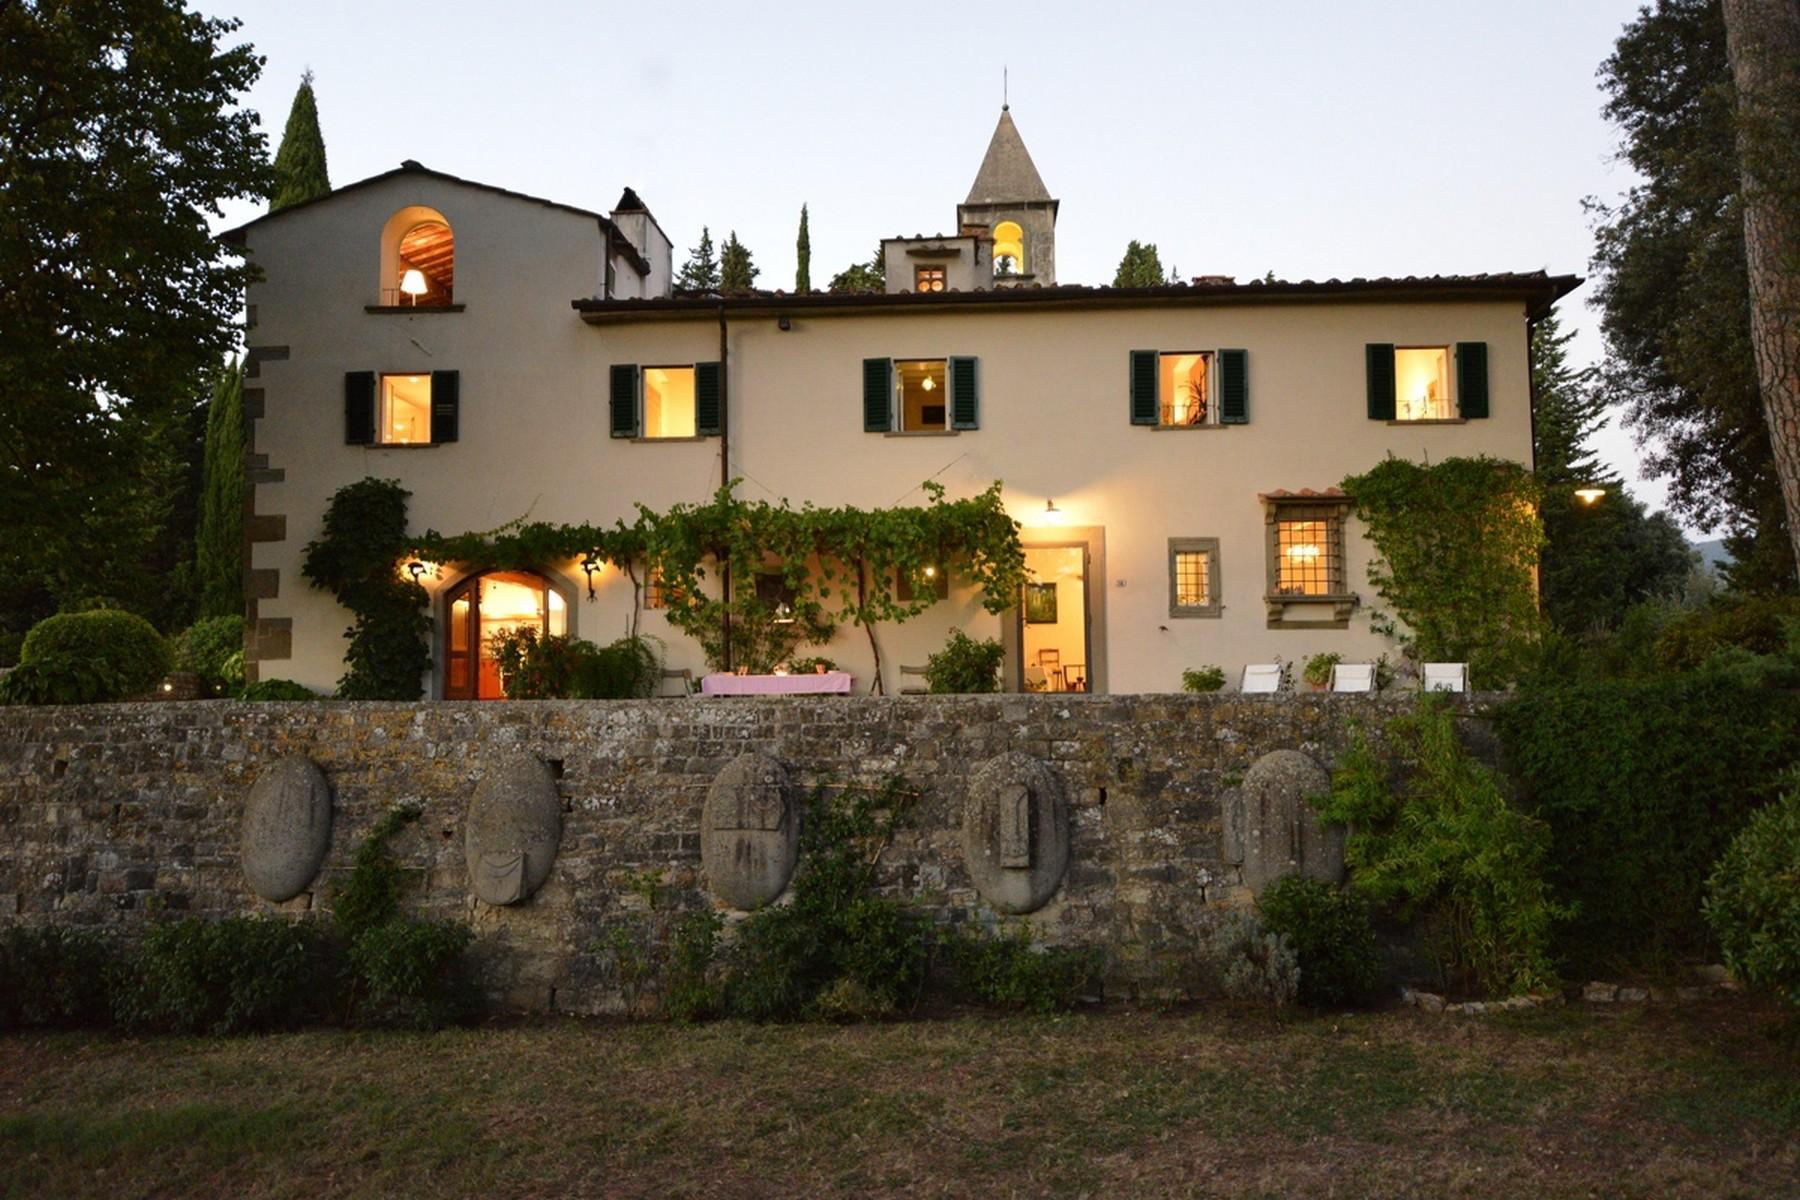 Résidence historique sur les collines de Fiesole - 1